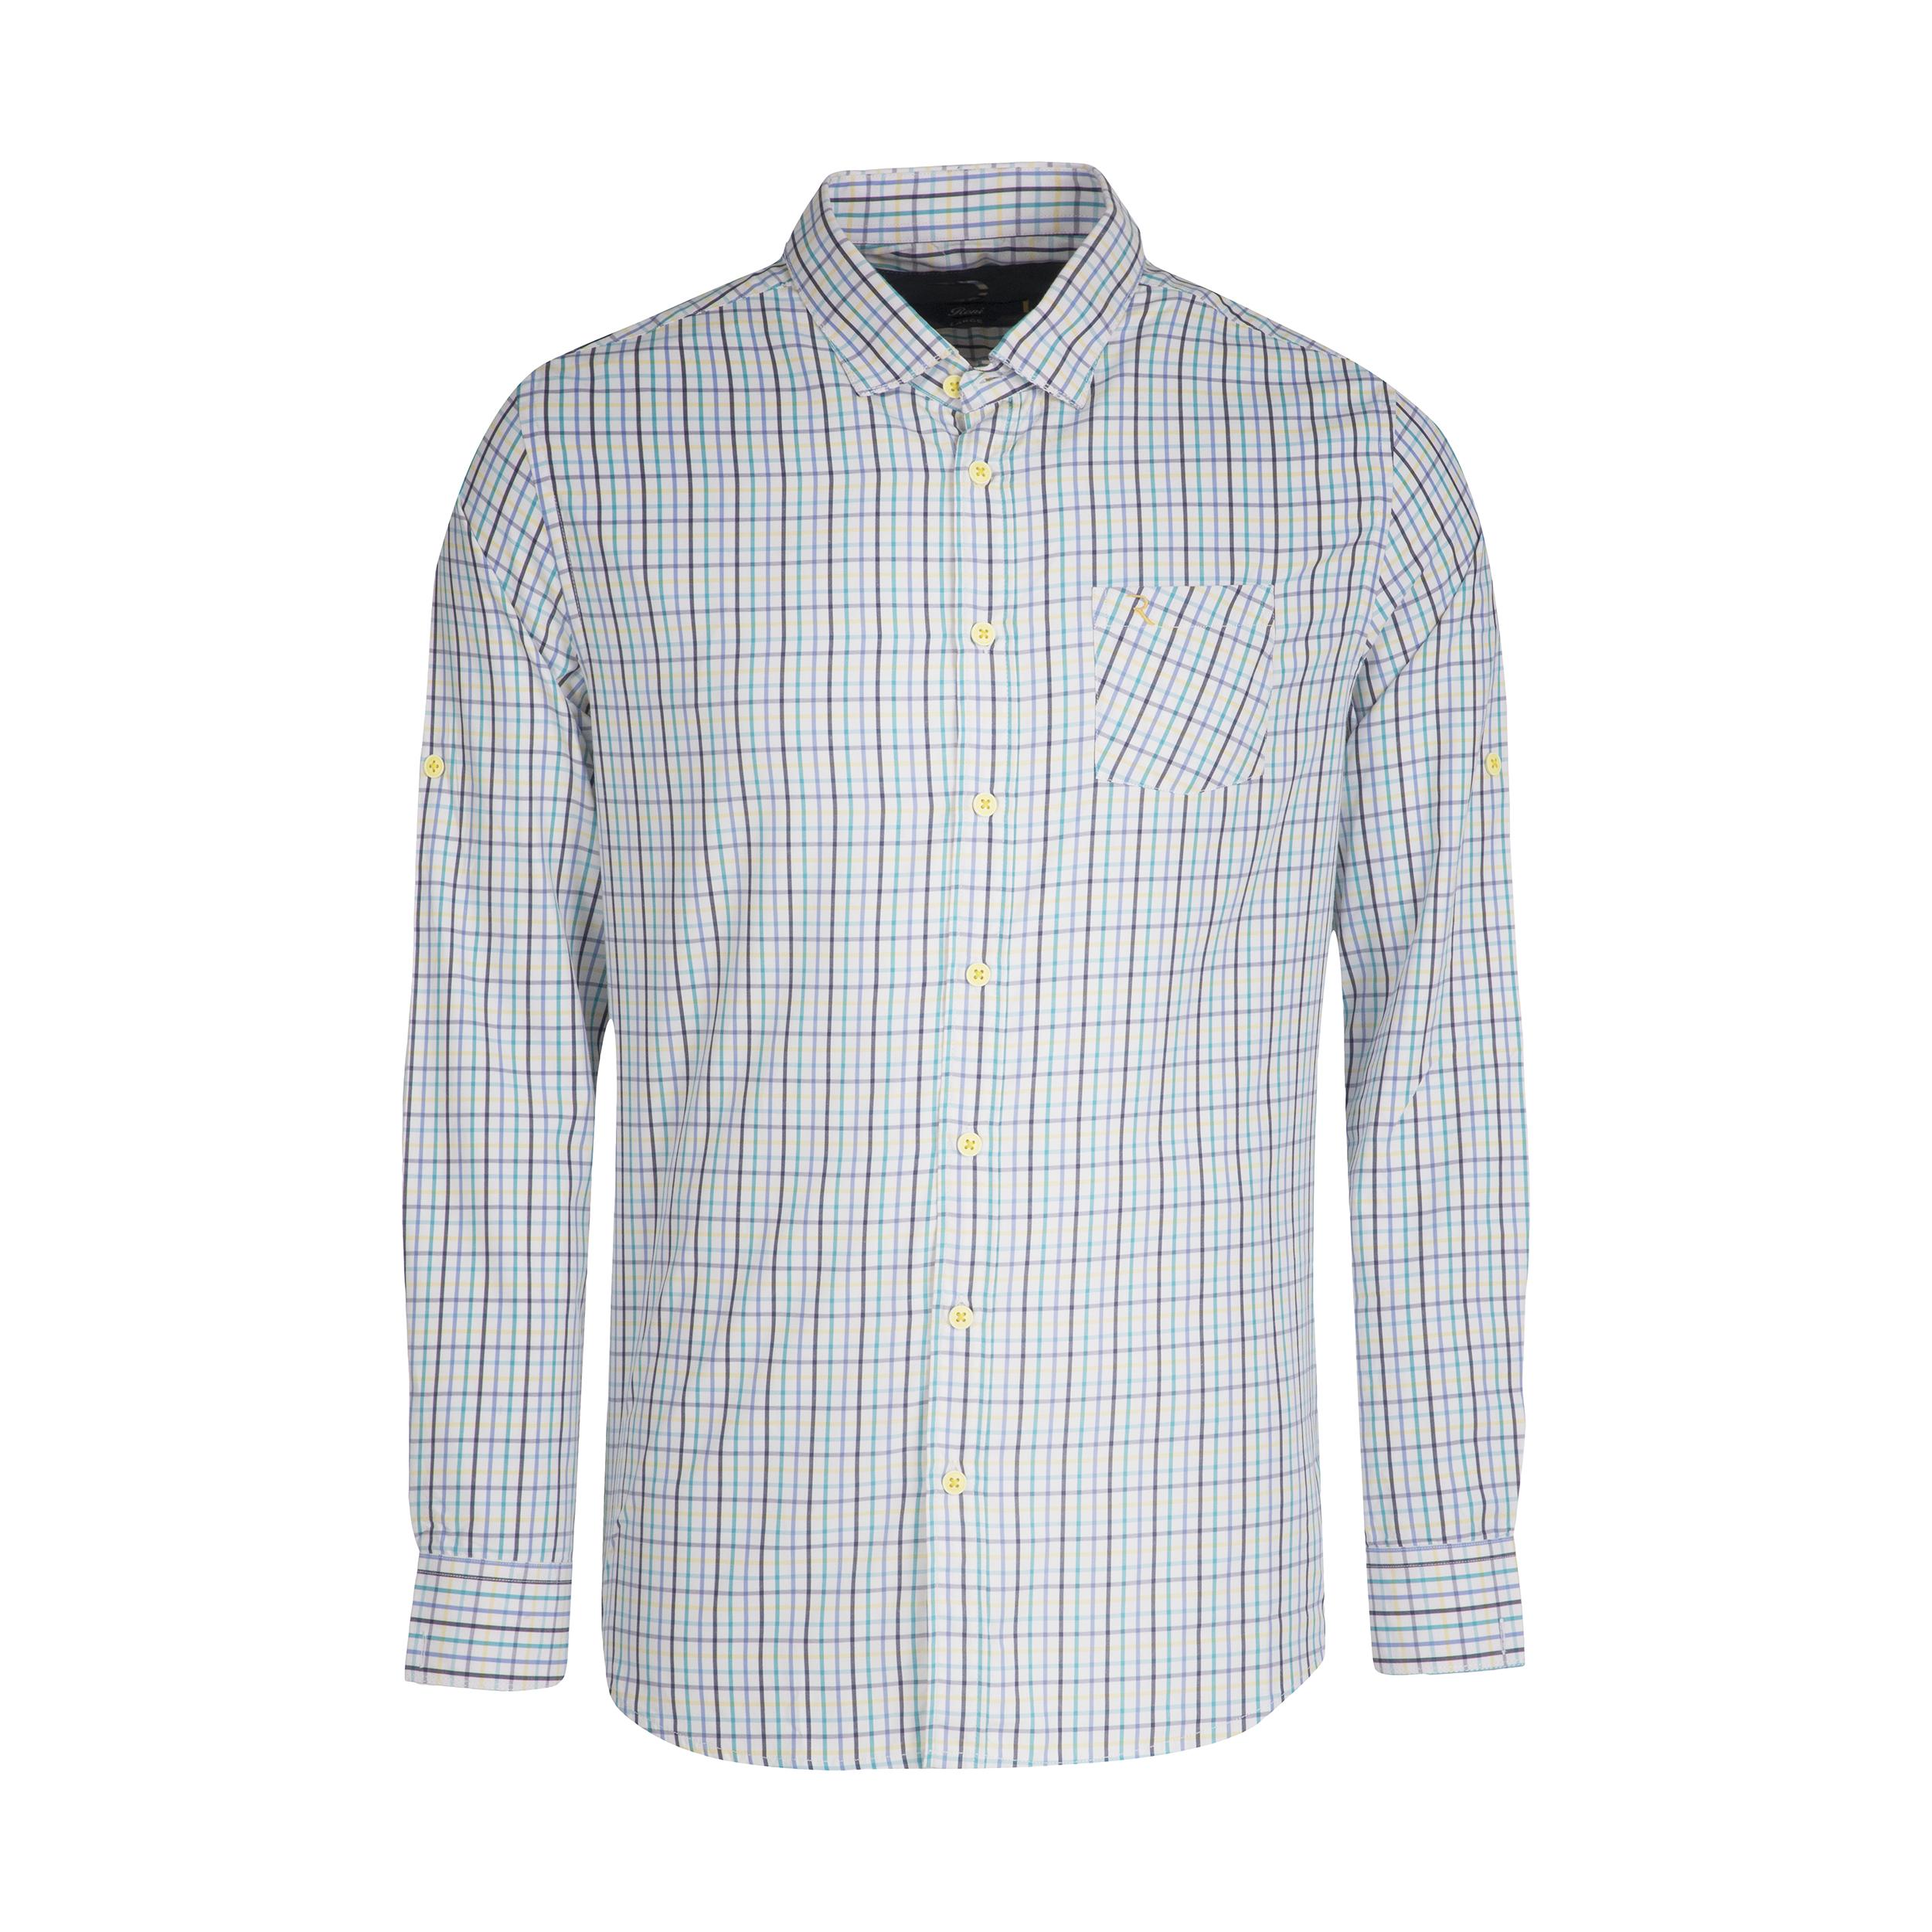 پیراهن مردانه رونی مدل 19 -11330235